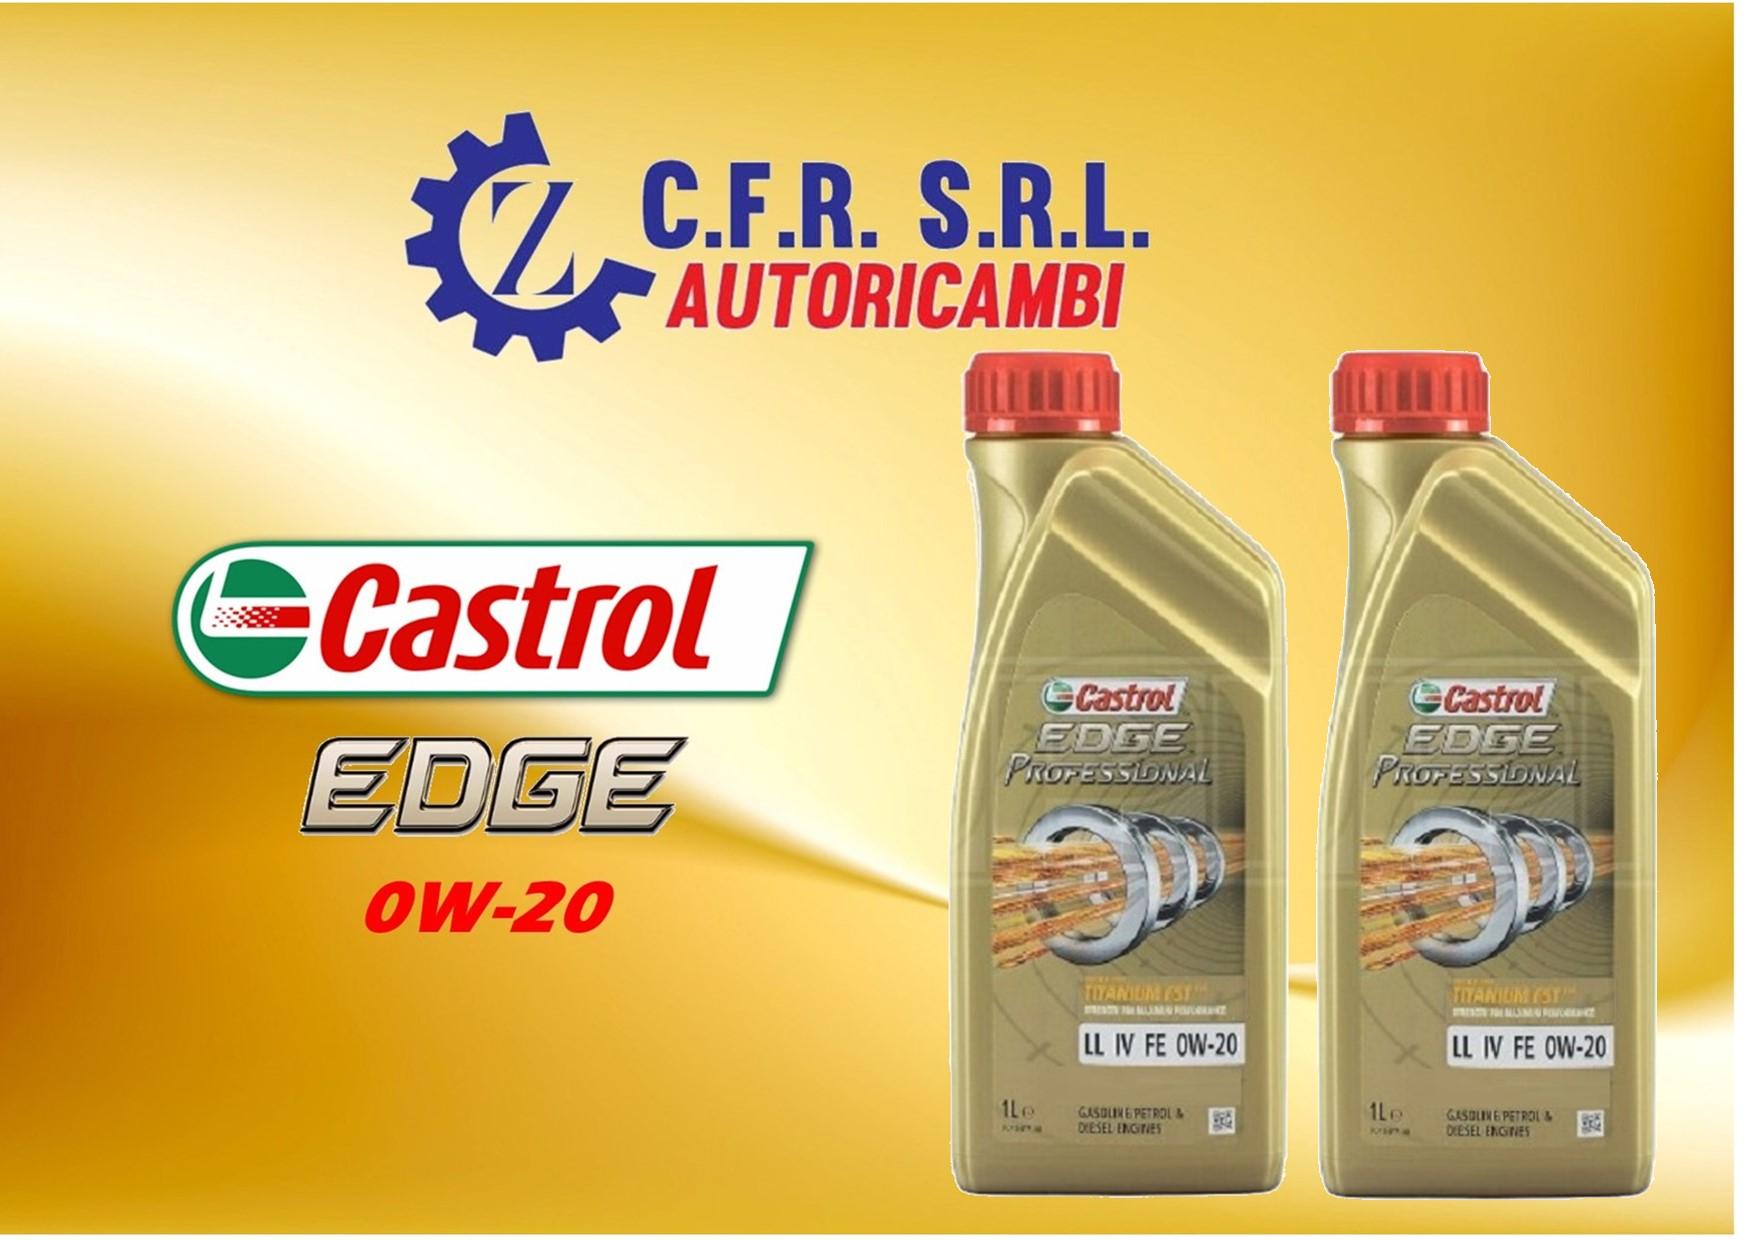 2PZ OLIO LUBRIFICANTE CASTROL EDGE 0W-20